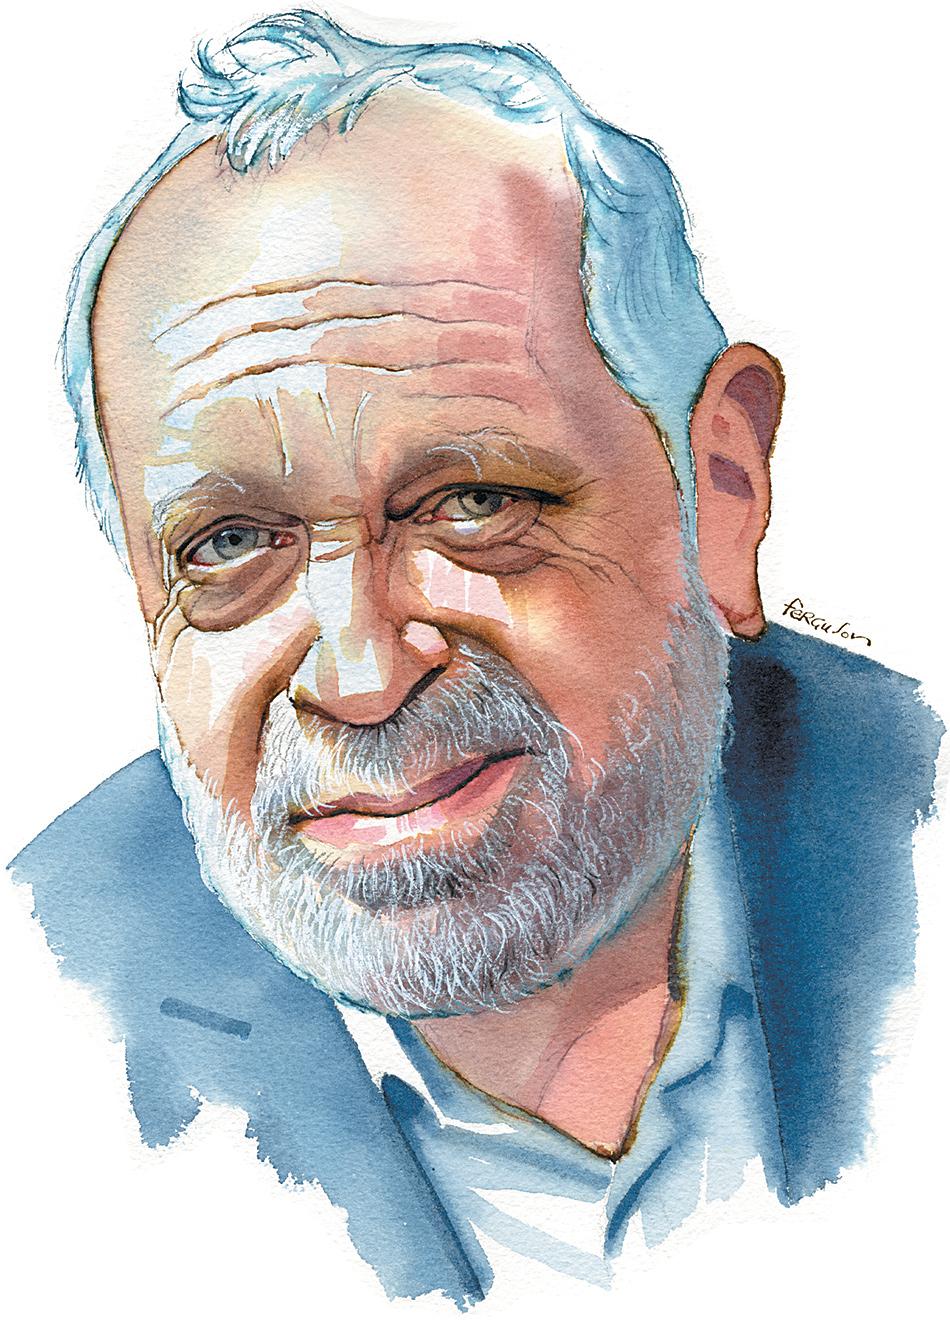 Robert B. Reich